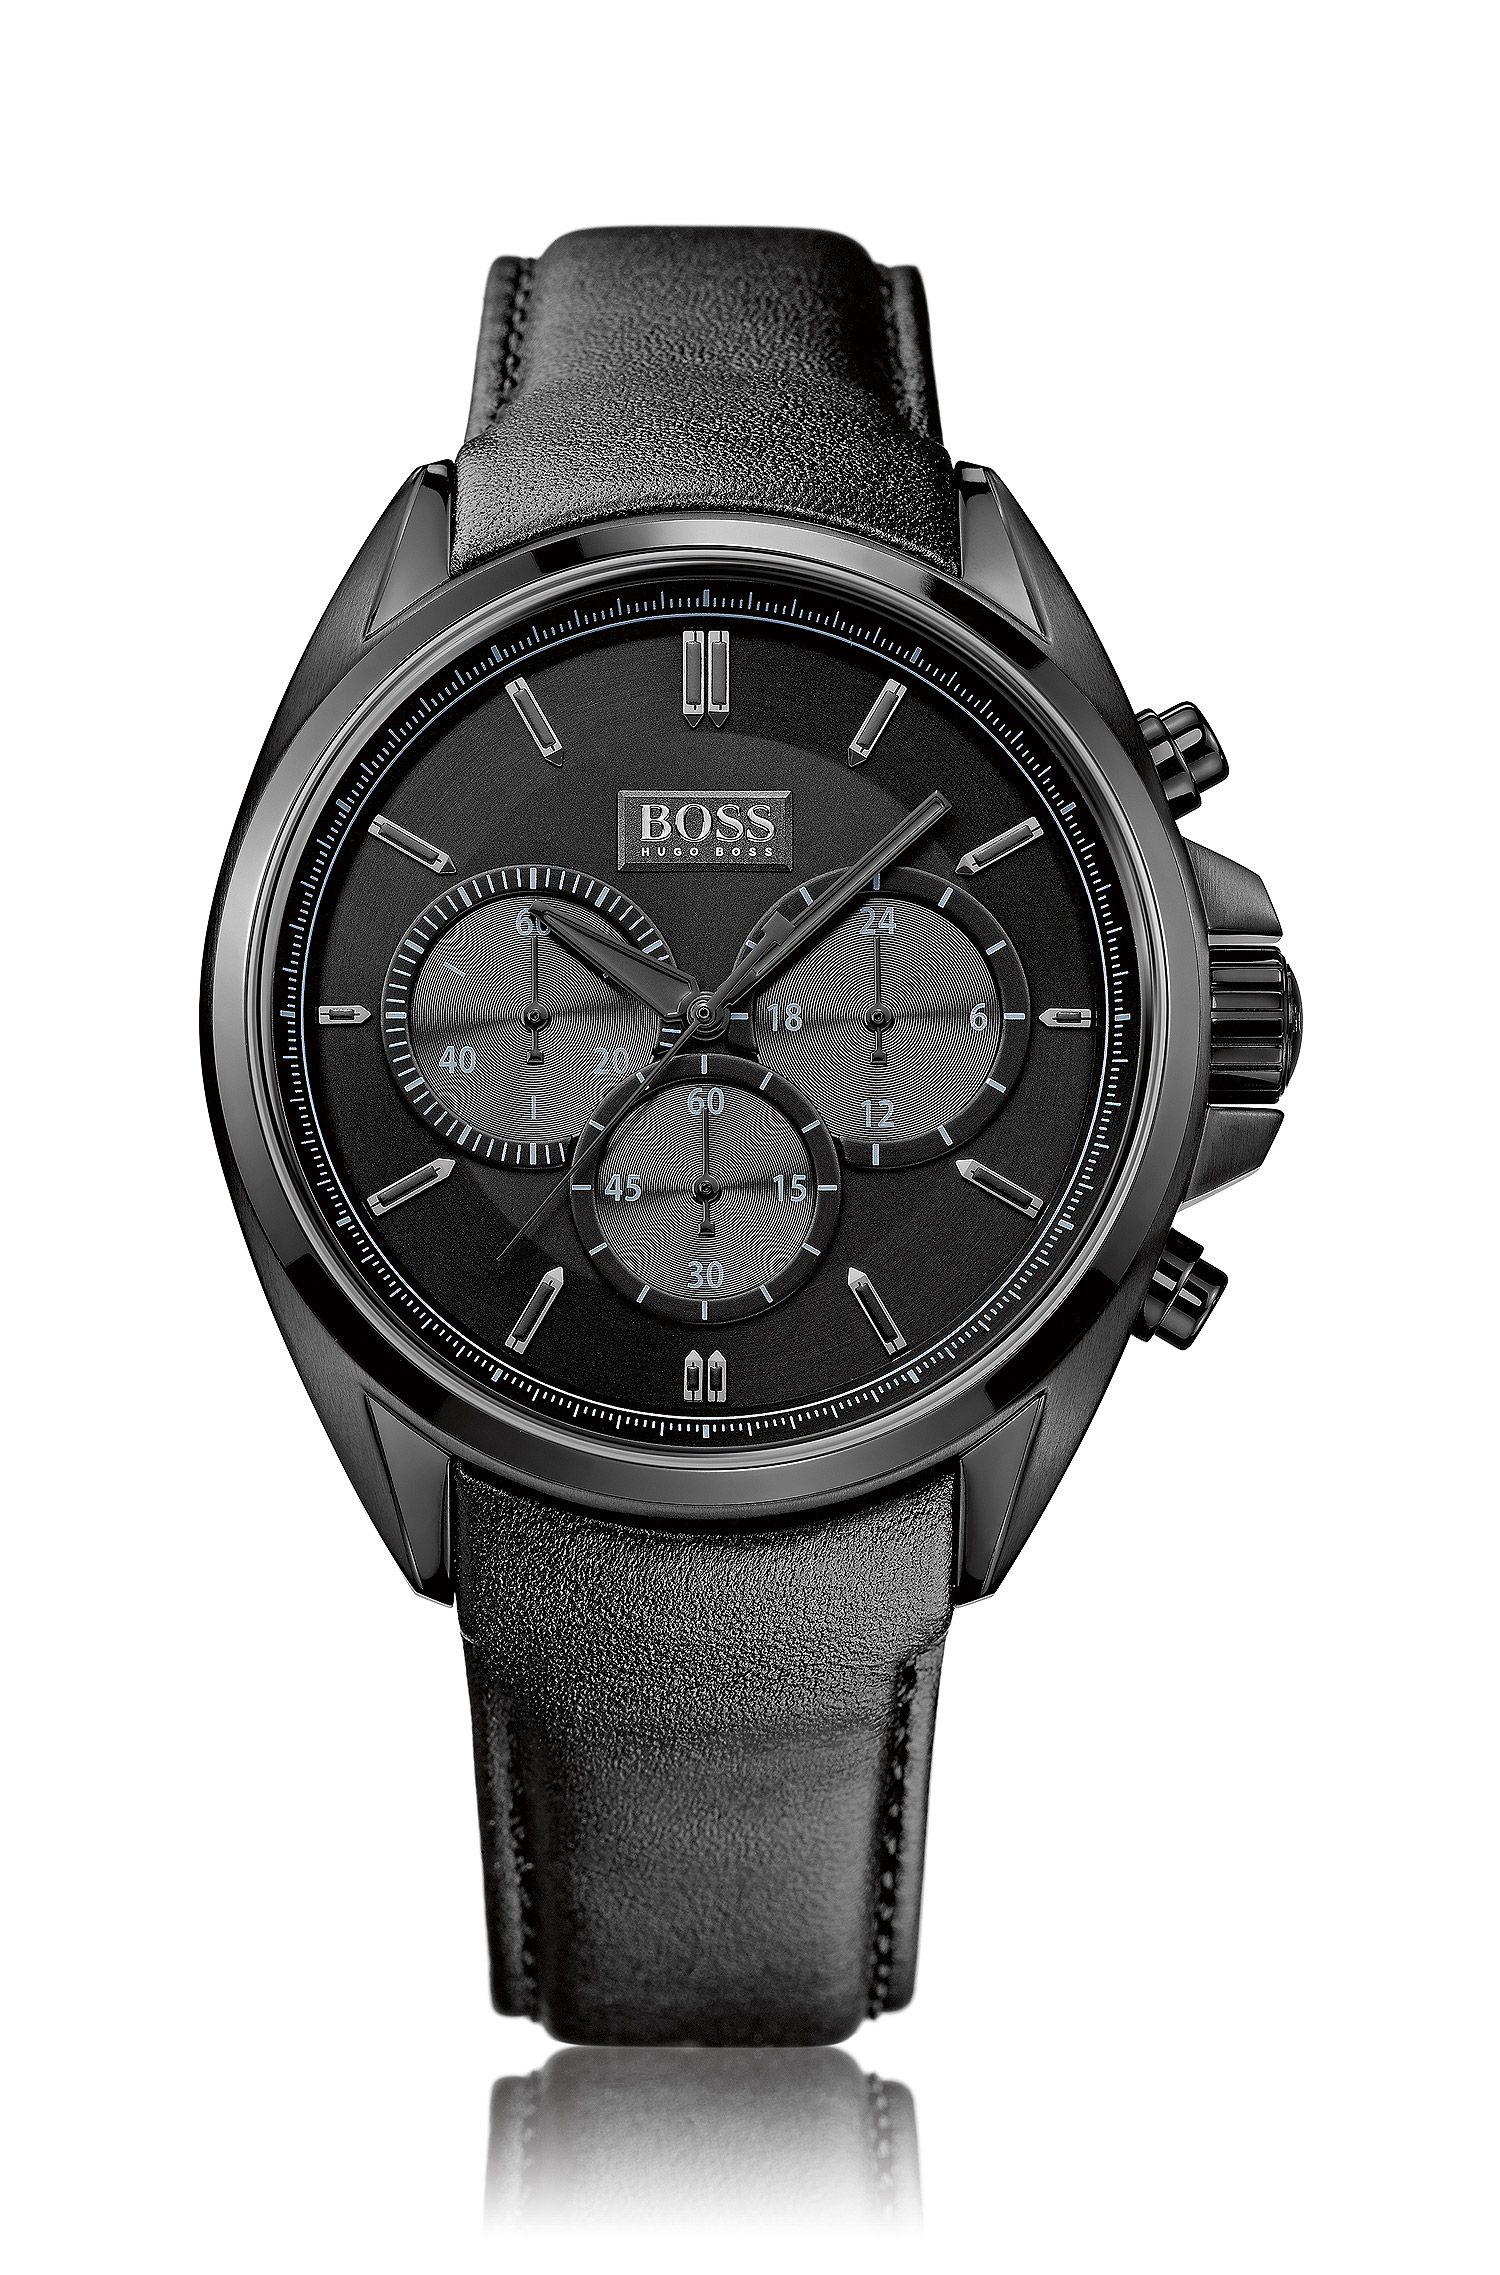 Chronograaf 'HB301' in een zwart-grijs dessin